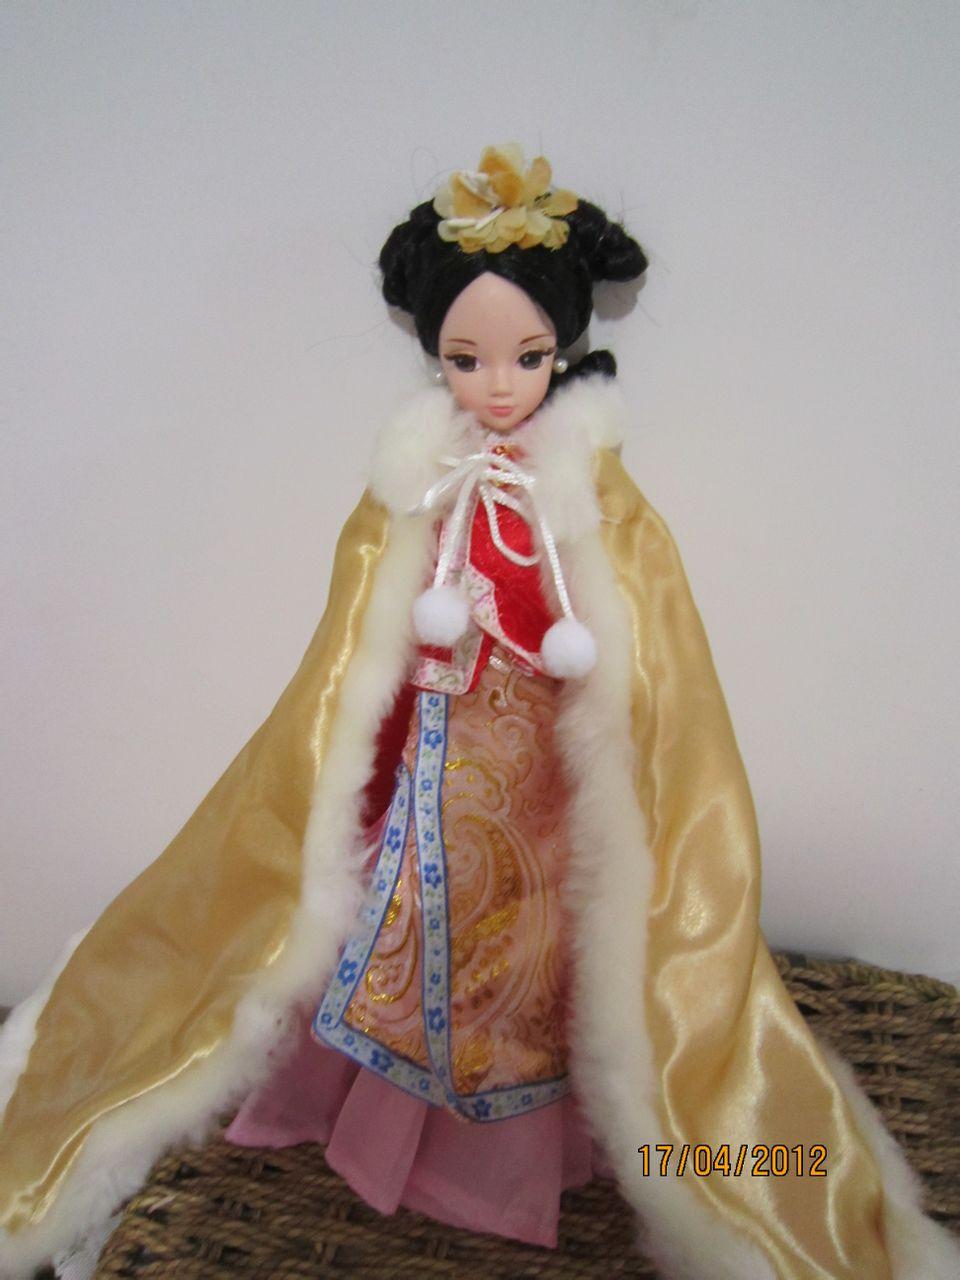 可儿娃娃头饰教程_可儿娃娃古装盘发教程分享_可儿娃娃古装盘发教程图片分享